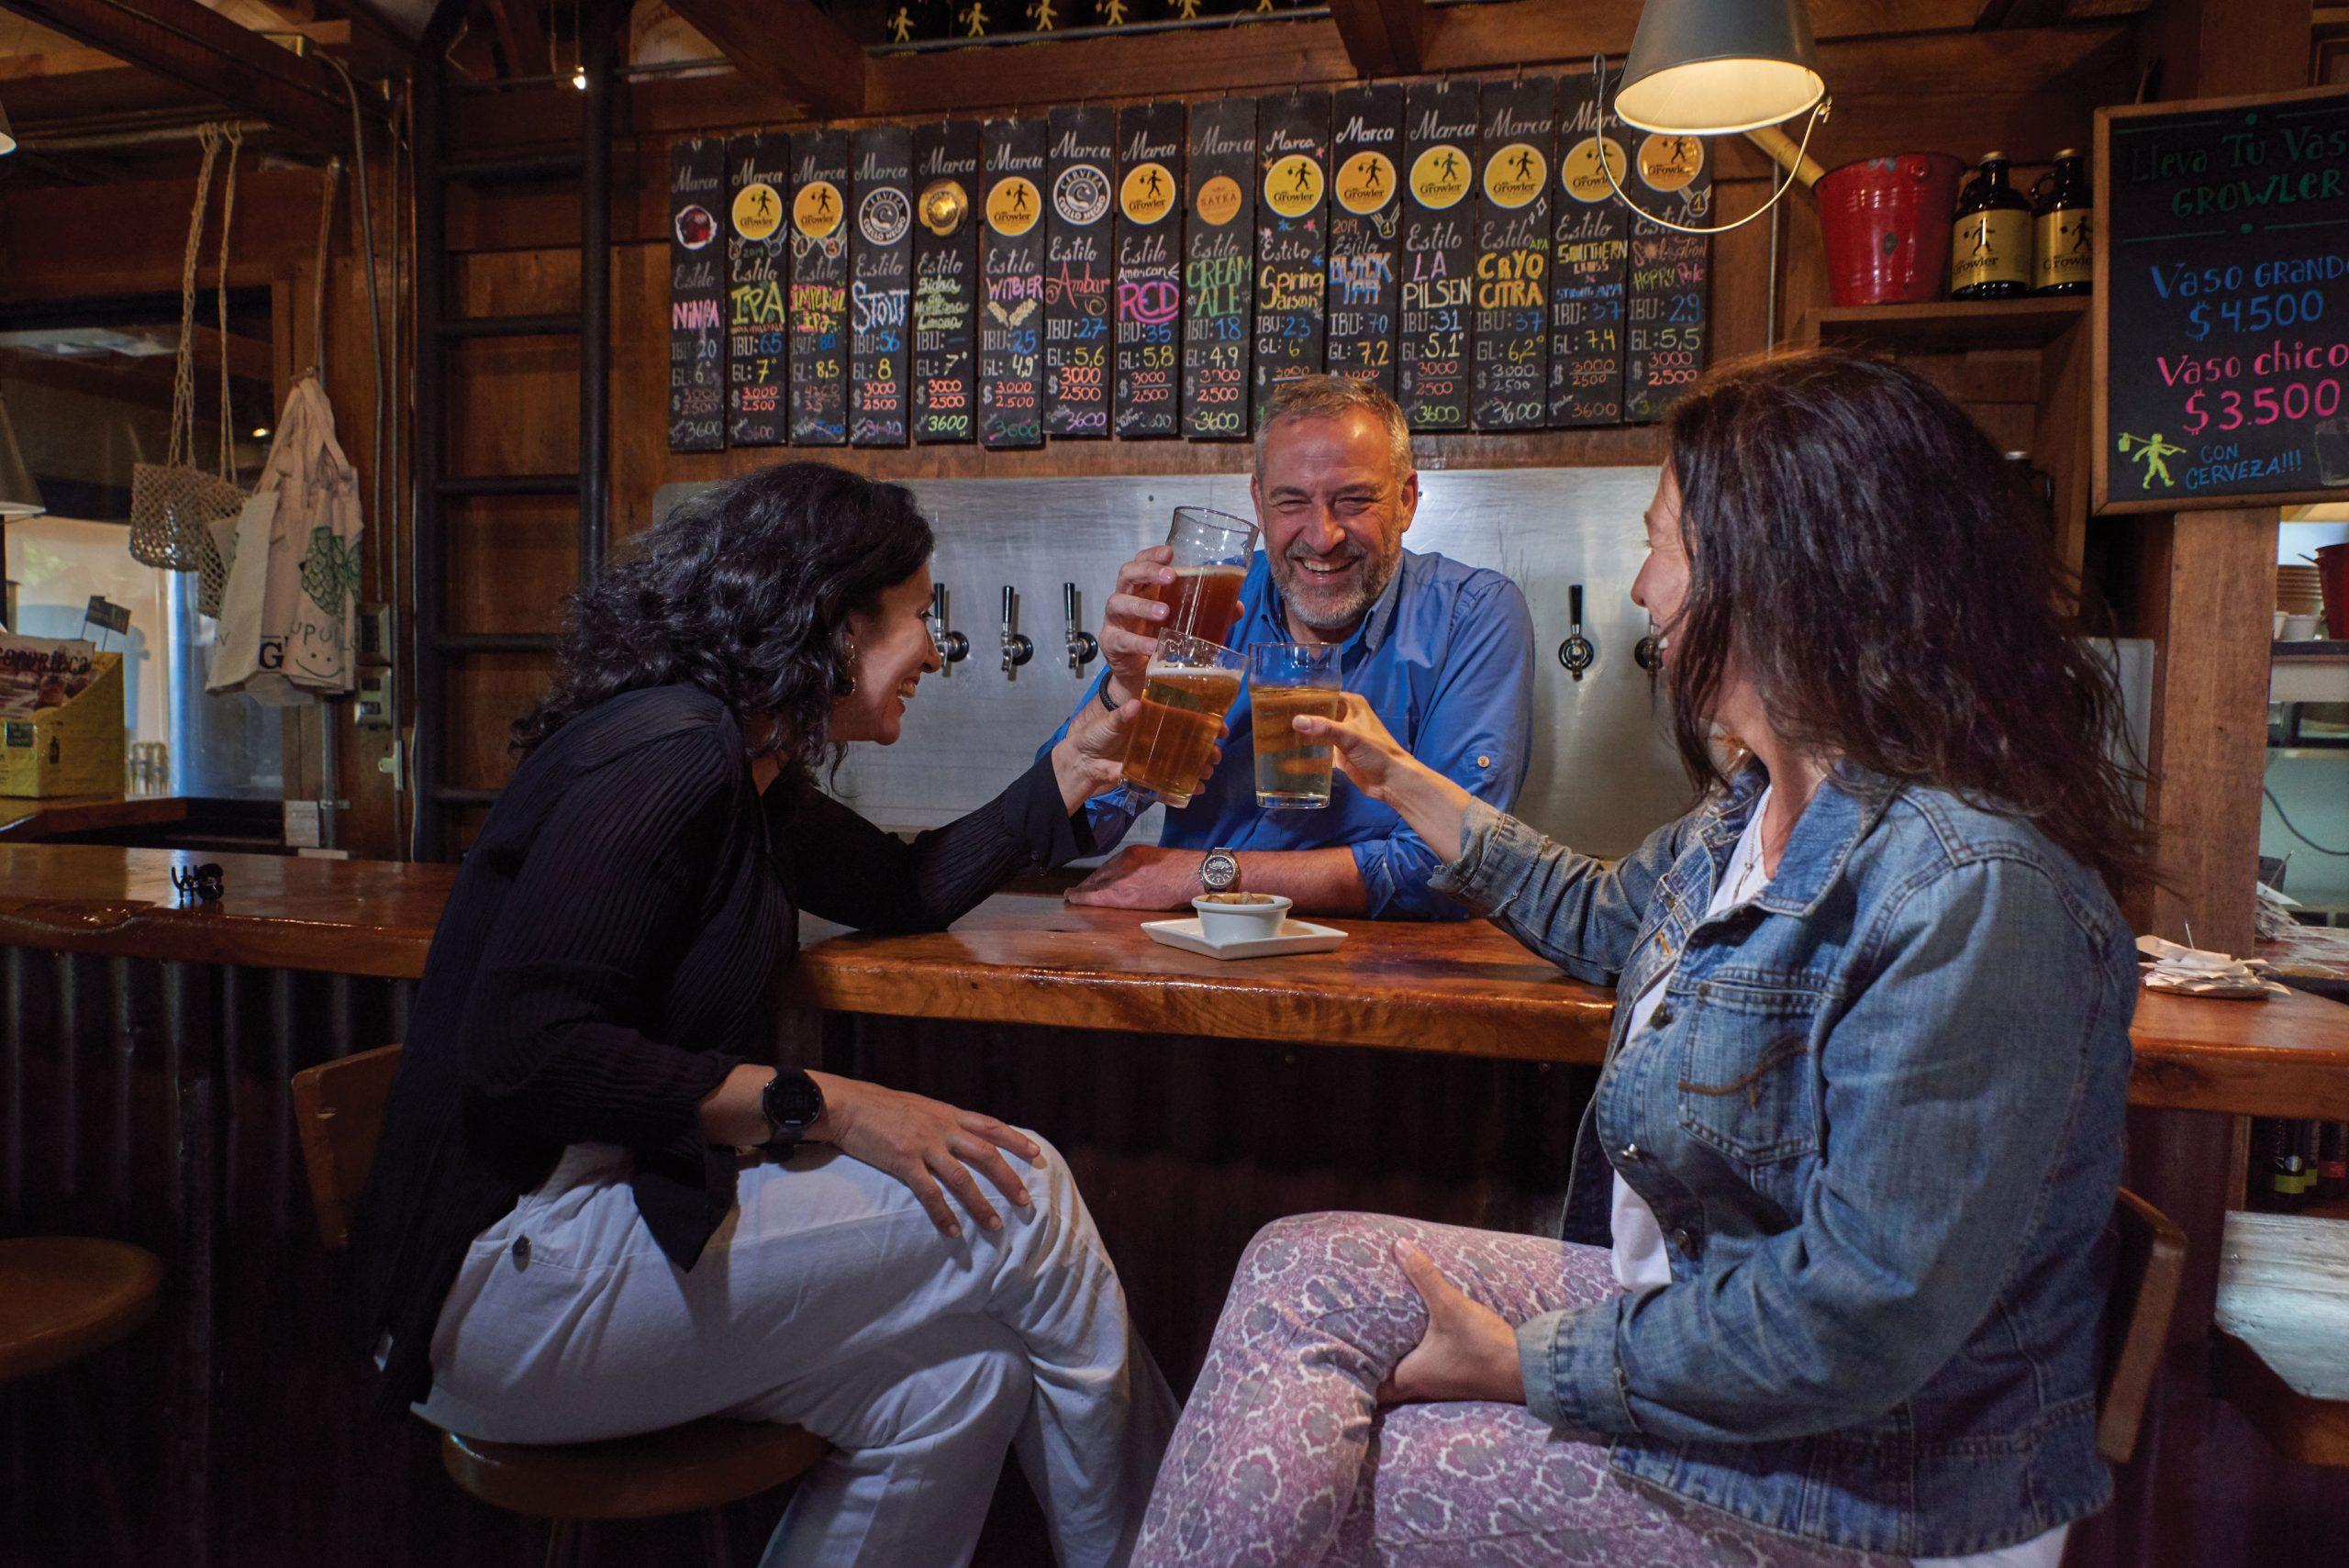 Tres amigos riendo mientras beben cerveza artesanal, Valdivia, sur de Chile